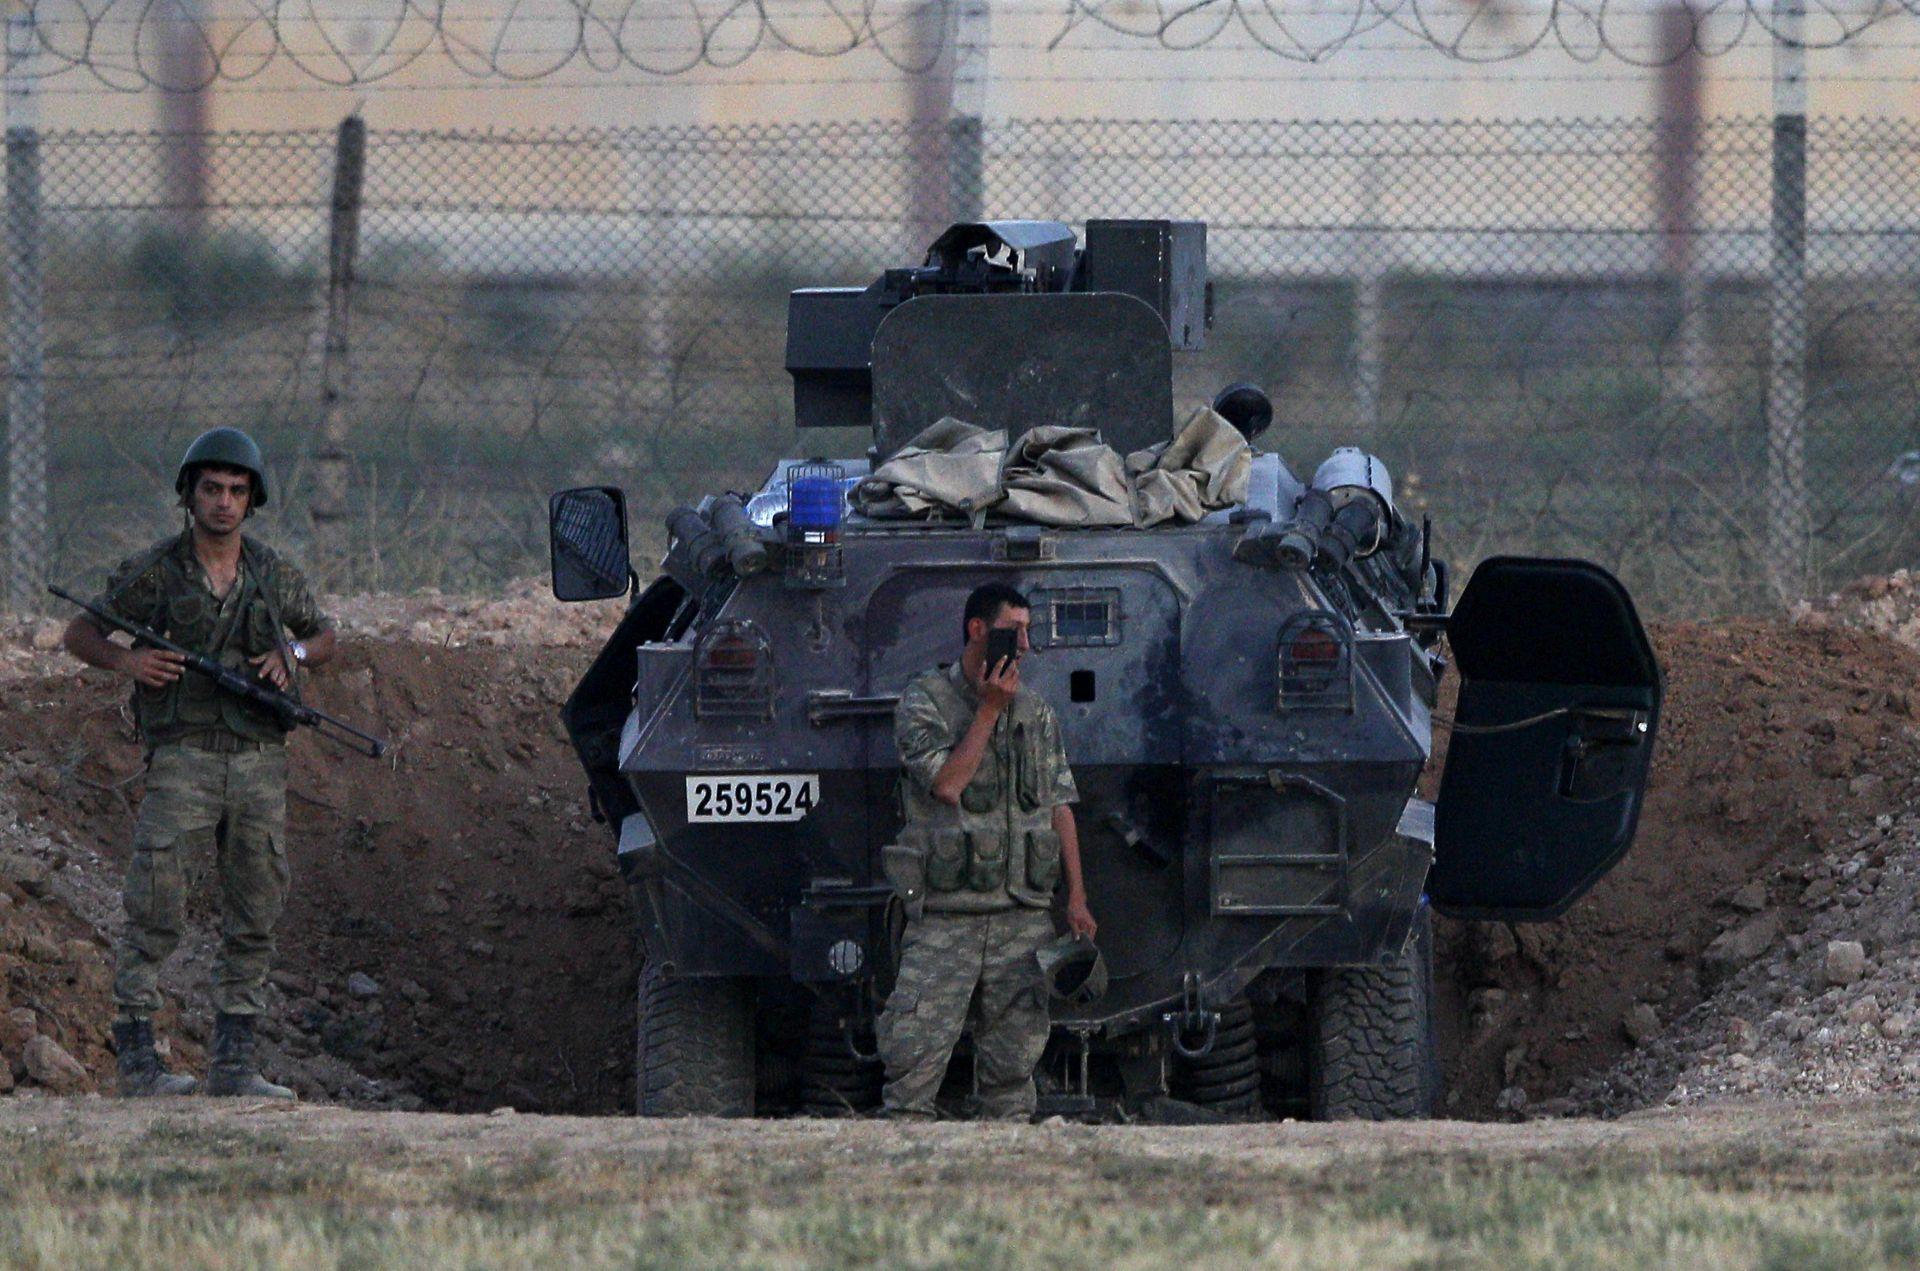 GLAVNI TAJNIK NATO-a: Turska vojska vrlo moćna, ne traži angažman NATO-a